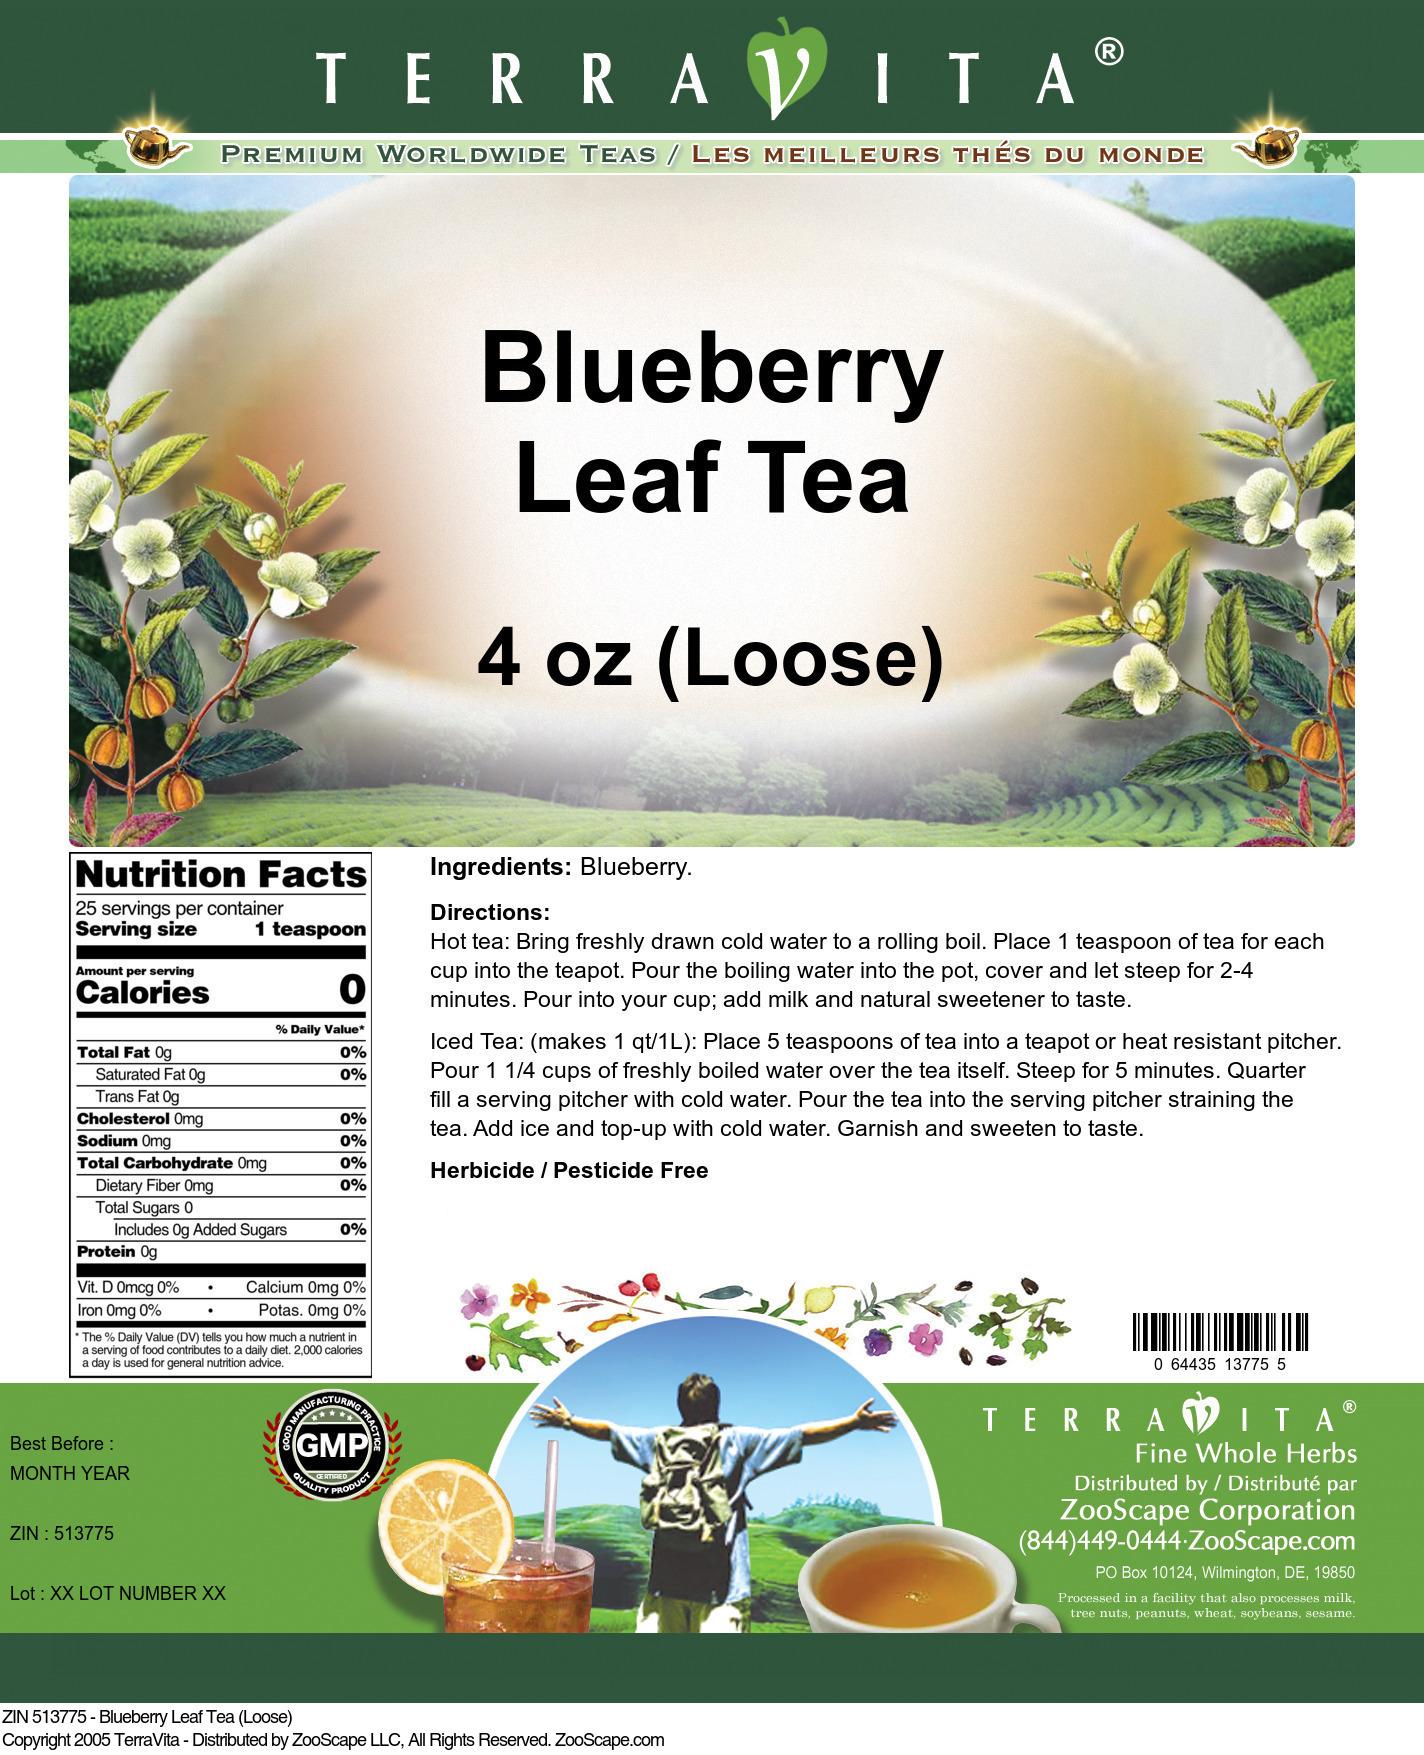 Blueberry Leaf Tea (Loose)